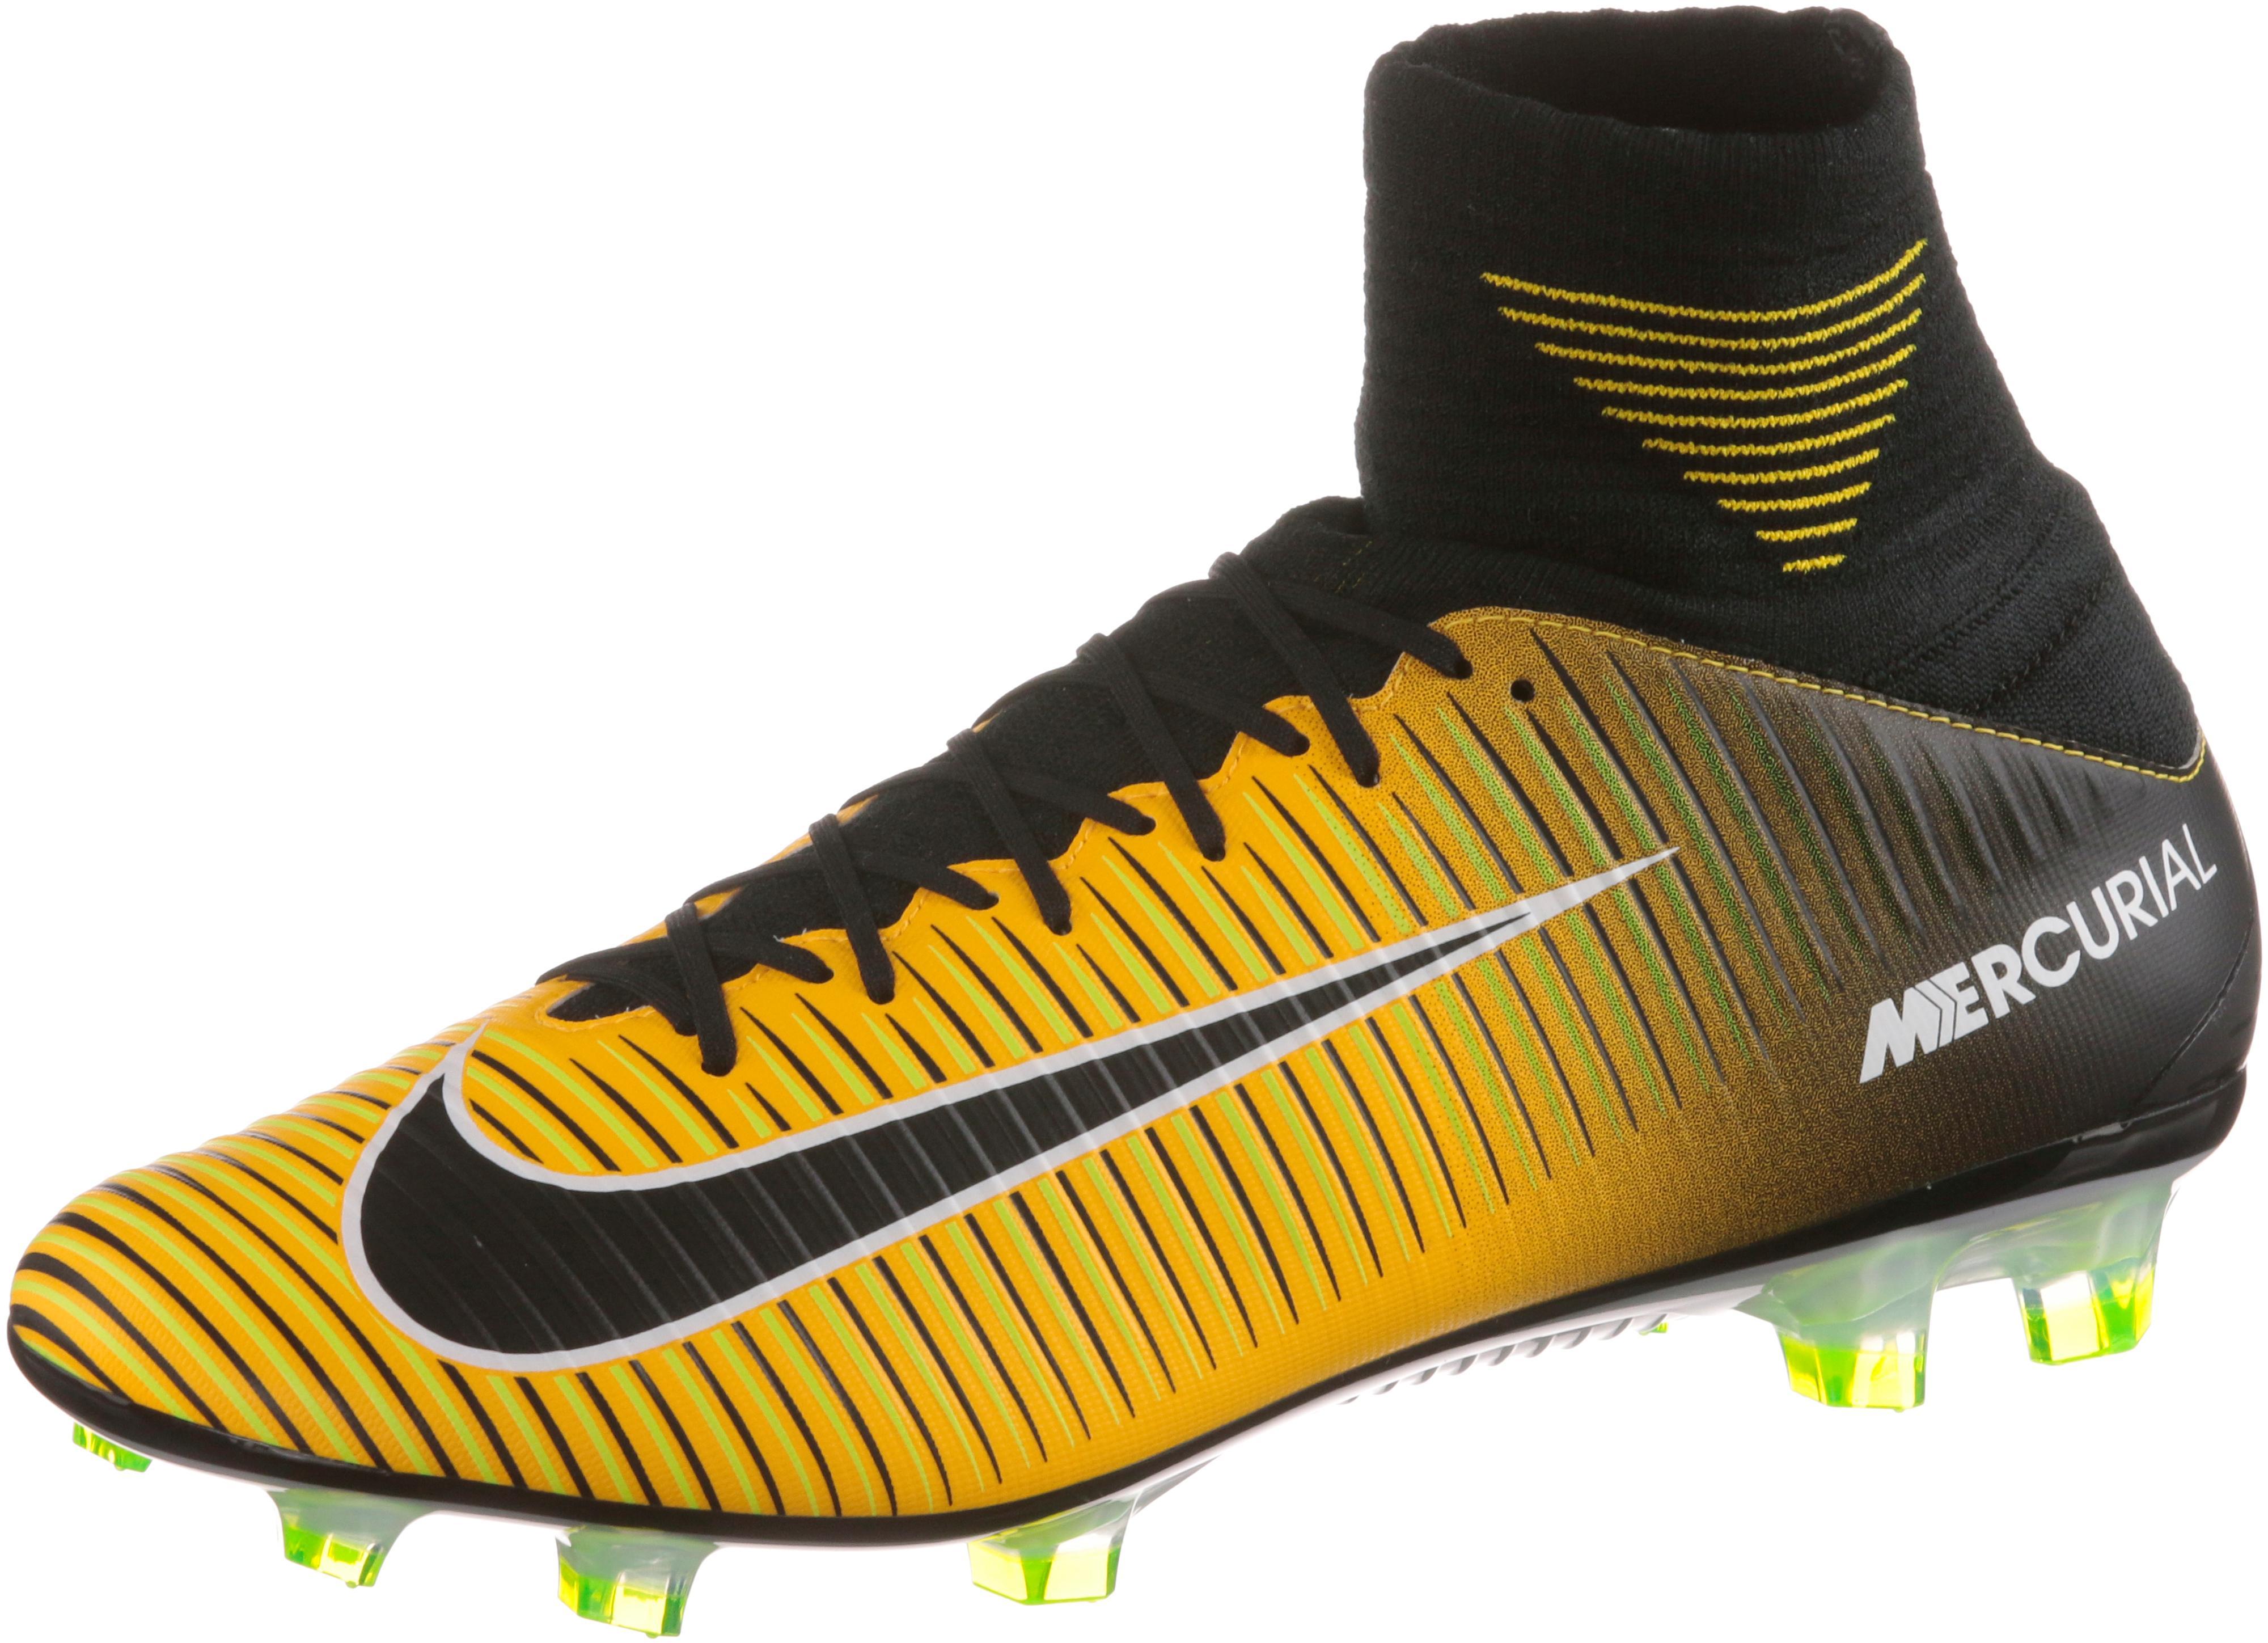 Nike Nike Nike MERCURIAL VELOCE III DF FG Fußballschuhe Herren LASER ORANGE/BLACK-WHITE-VOLT im Online Shop von SportScheck kaufen Gute Qualität beliebte Schuhe c989bc